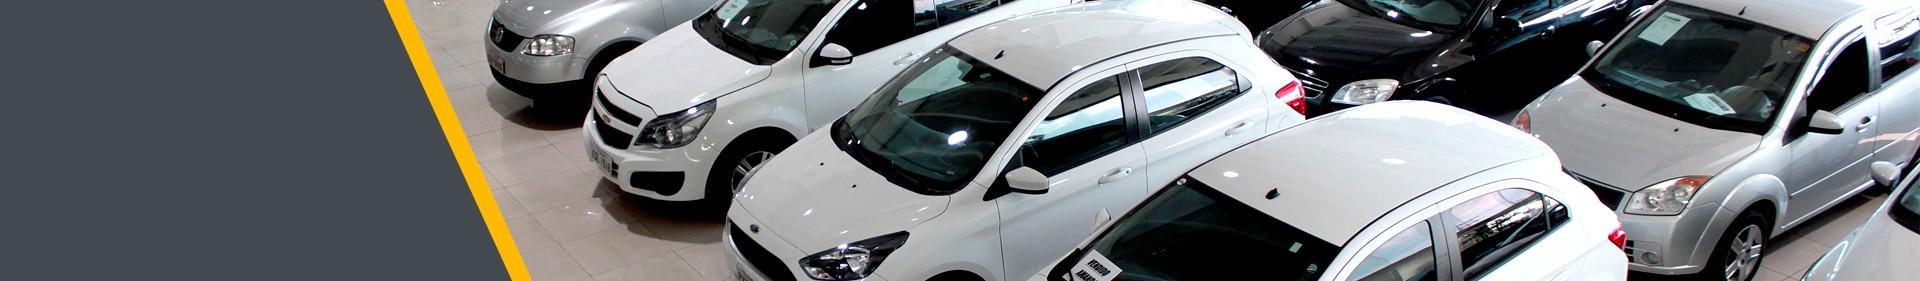 Ofertas de Carros Seminovos Multimarcas em São Paulo